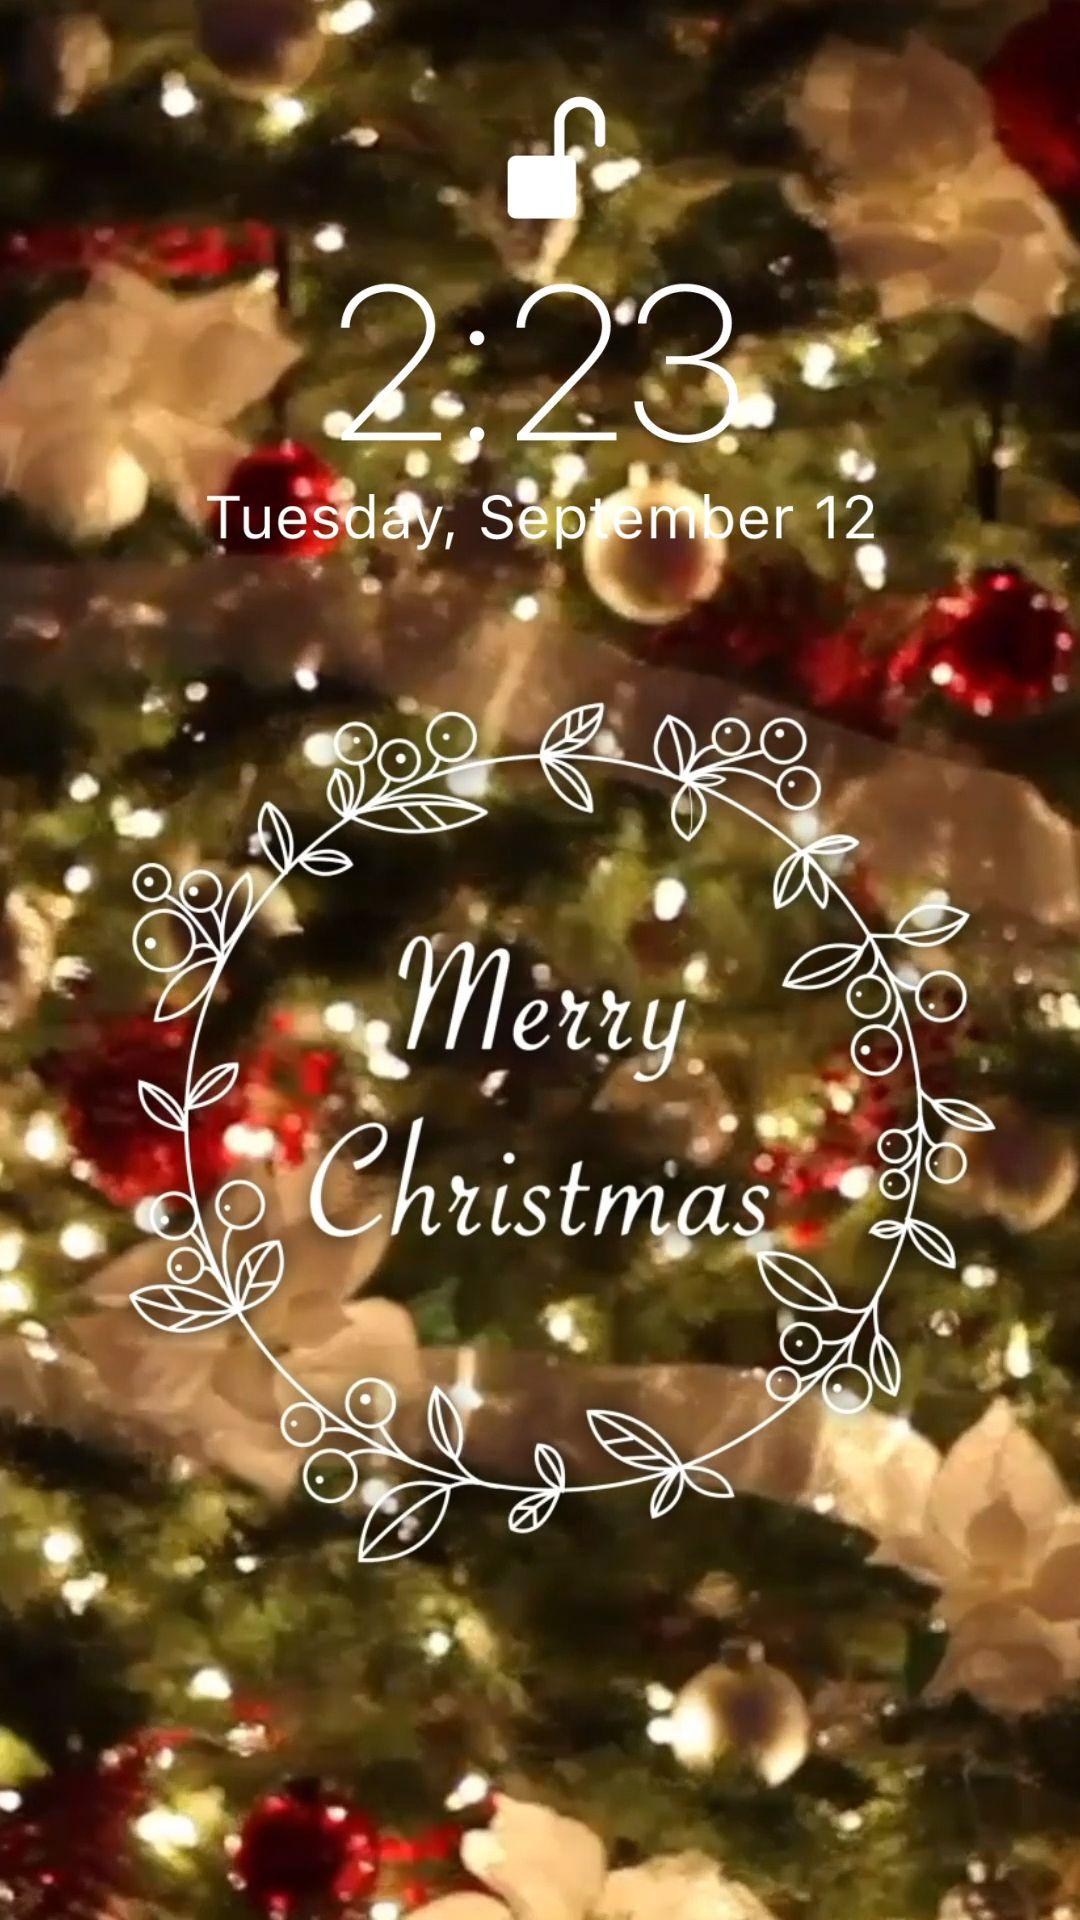 Christmas Wallpaper Video Christmas Phone Wallpaper Wallpaper Iphone Christmas Holiday Wallpaper